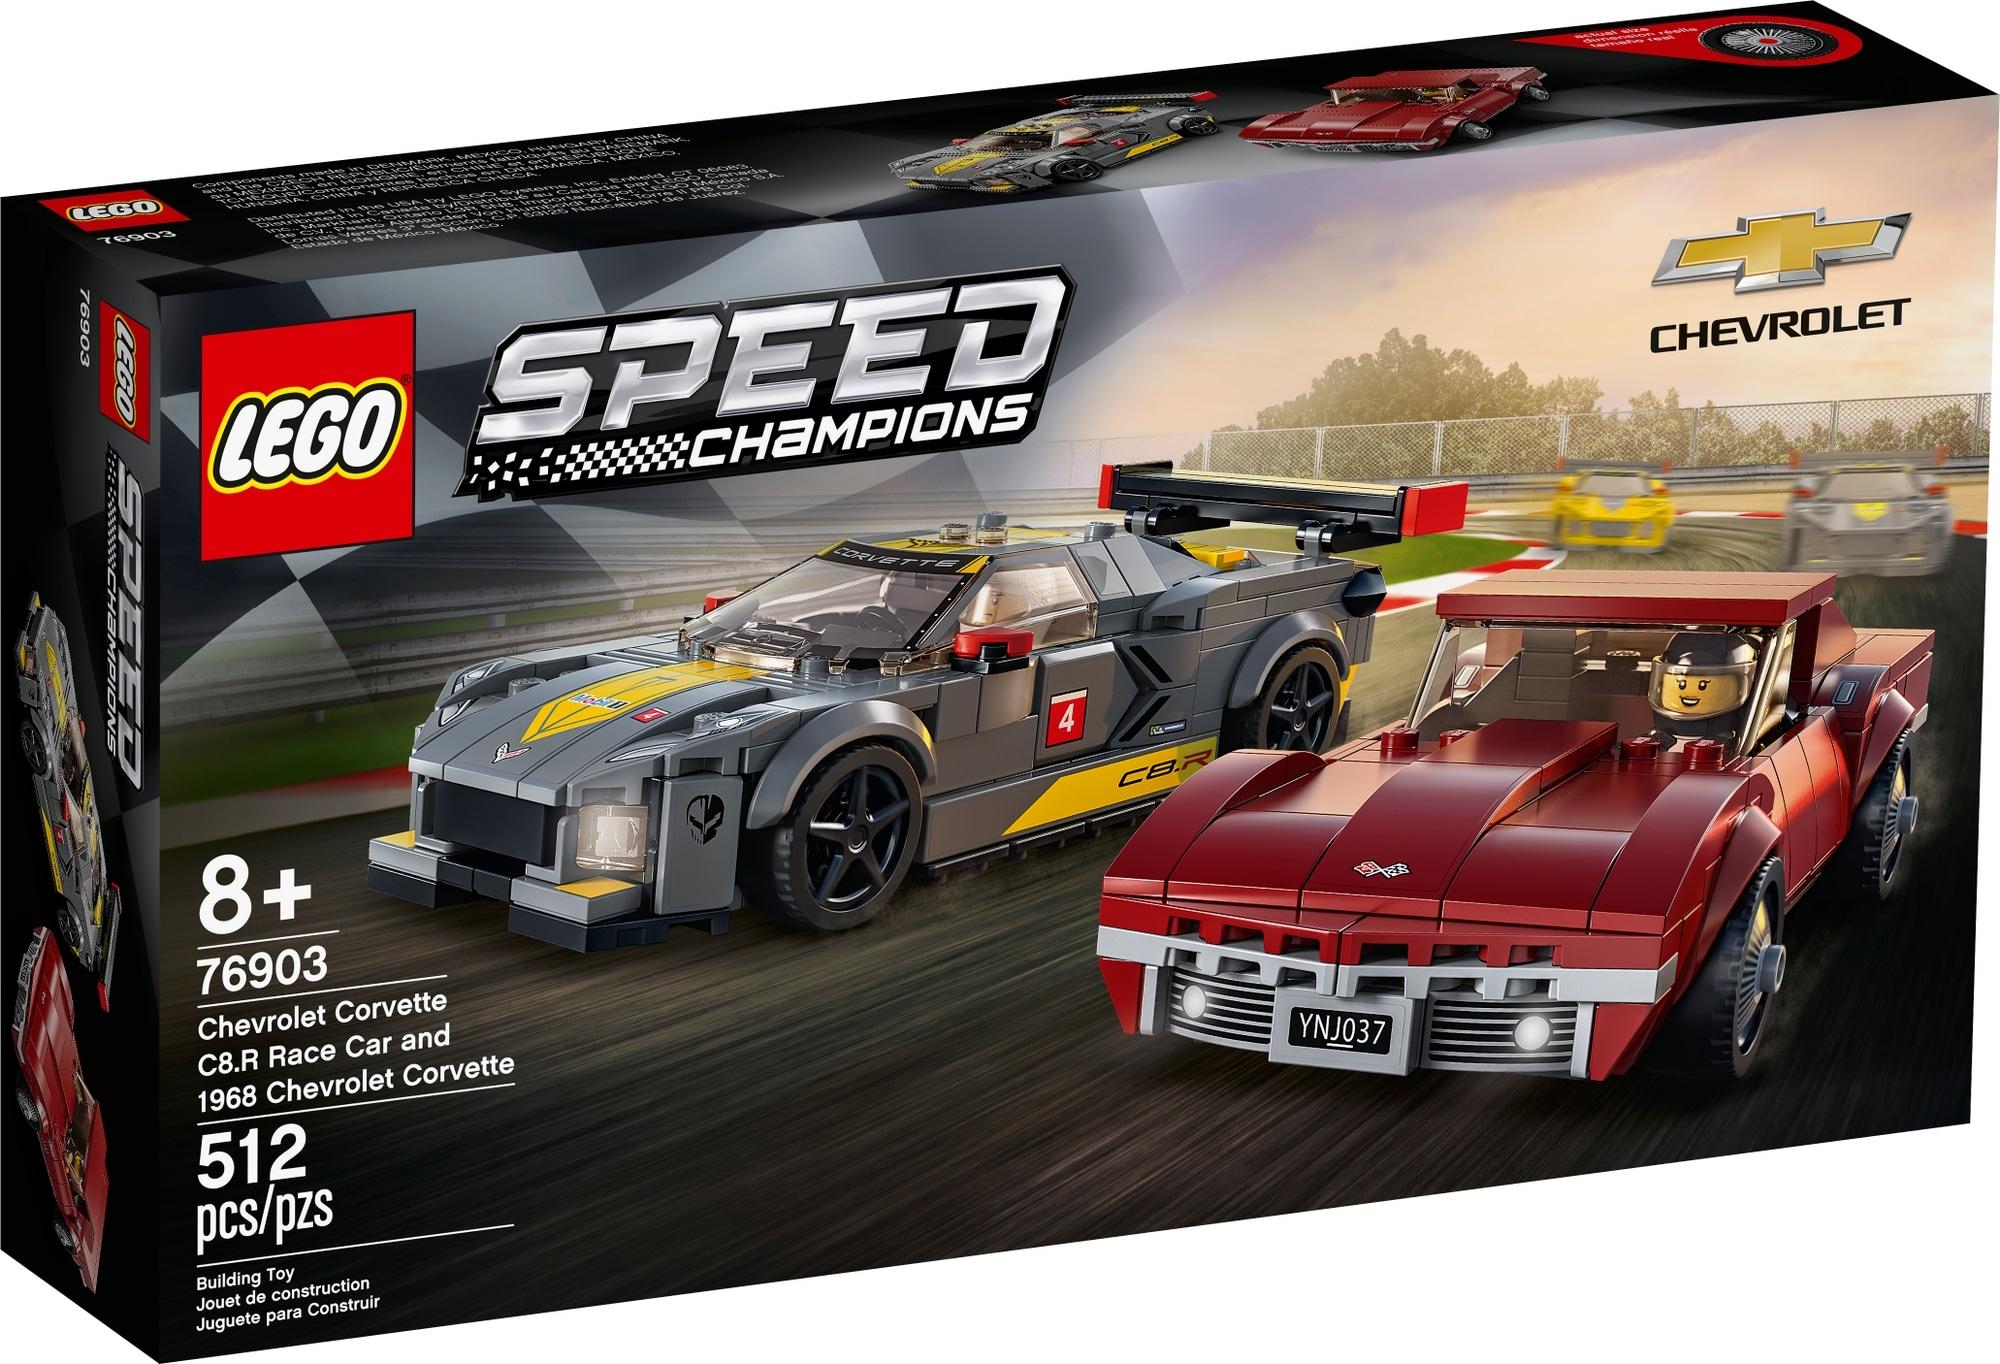 LEGO Speed Champions 76903 Chevrolet Corvette C8.r & 1968 Chevrolet Corvette 2